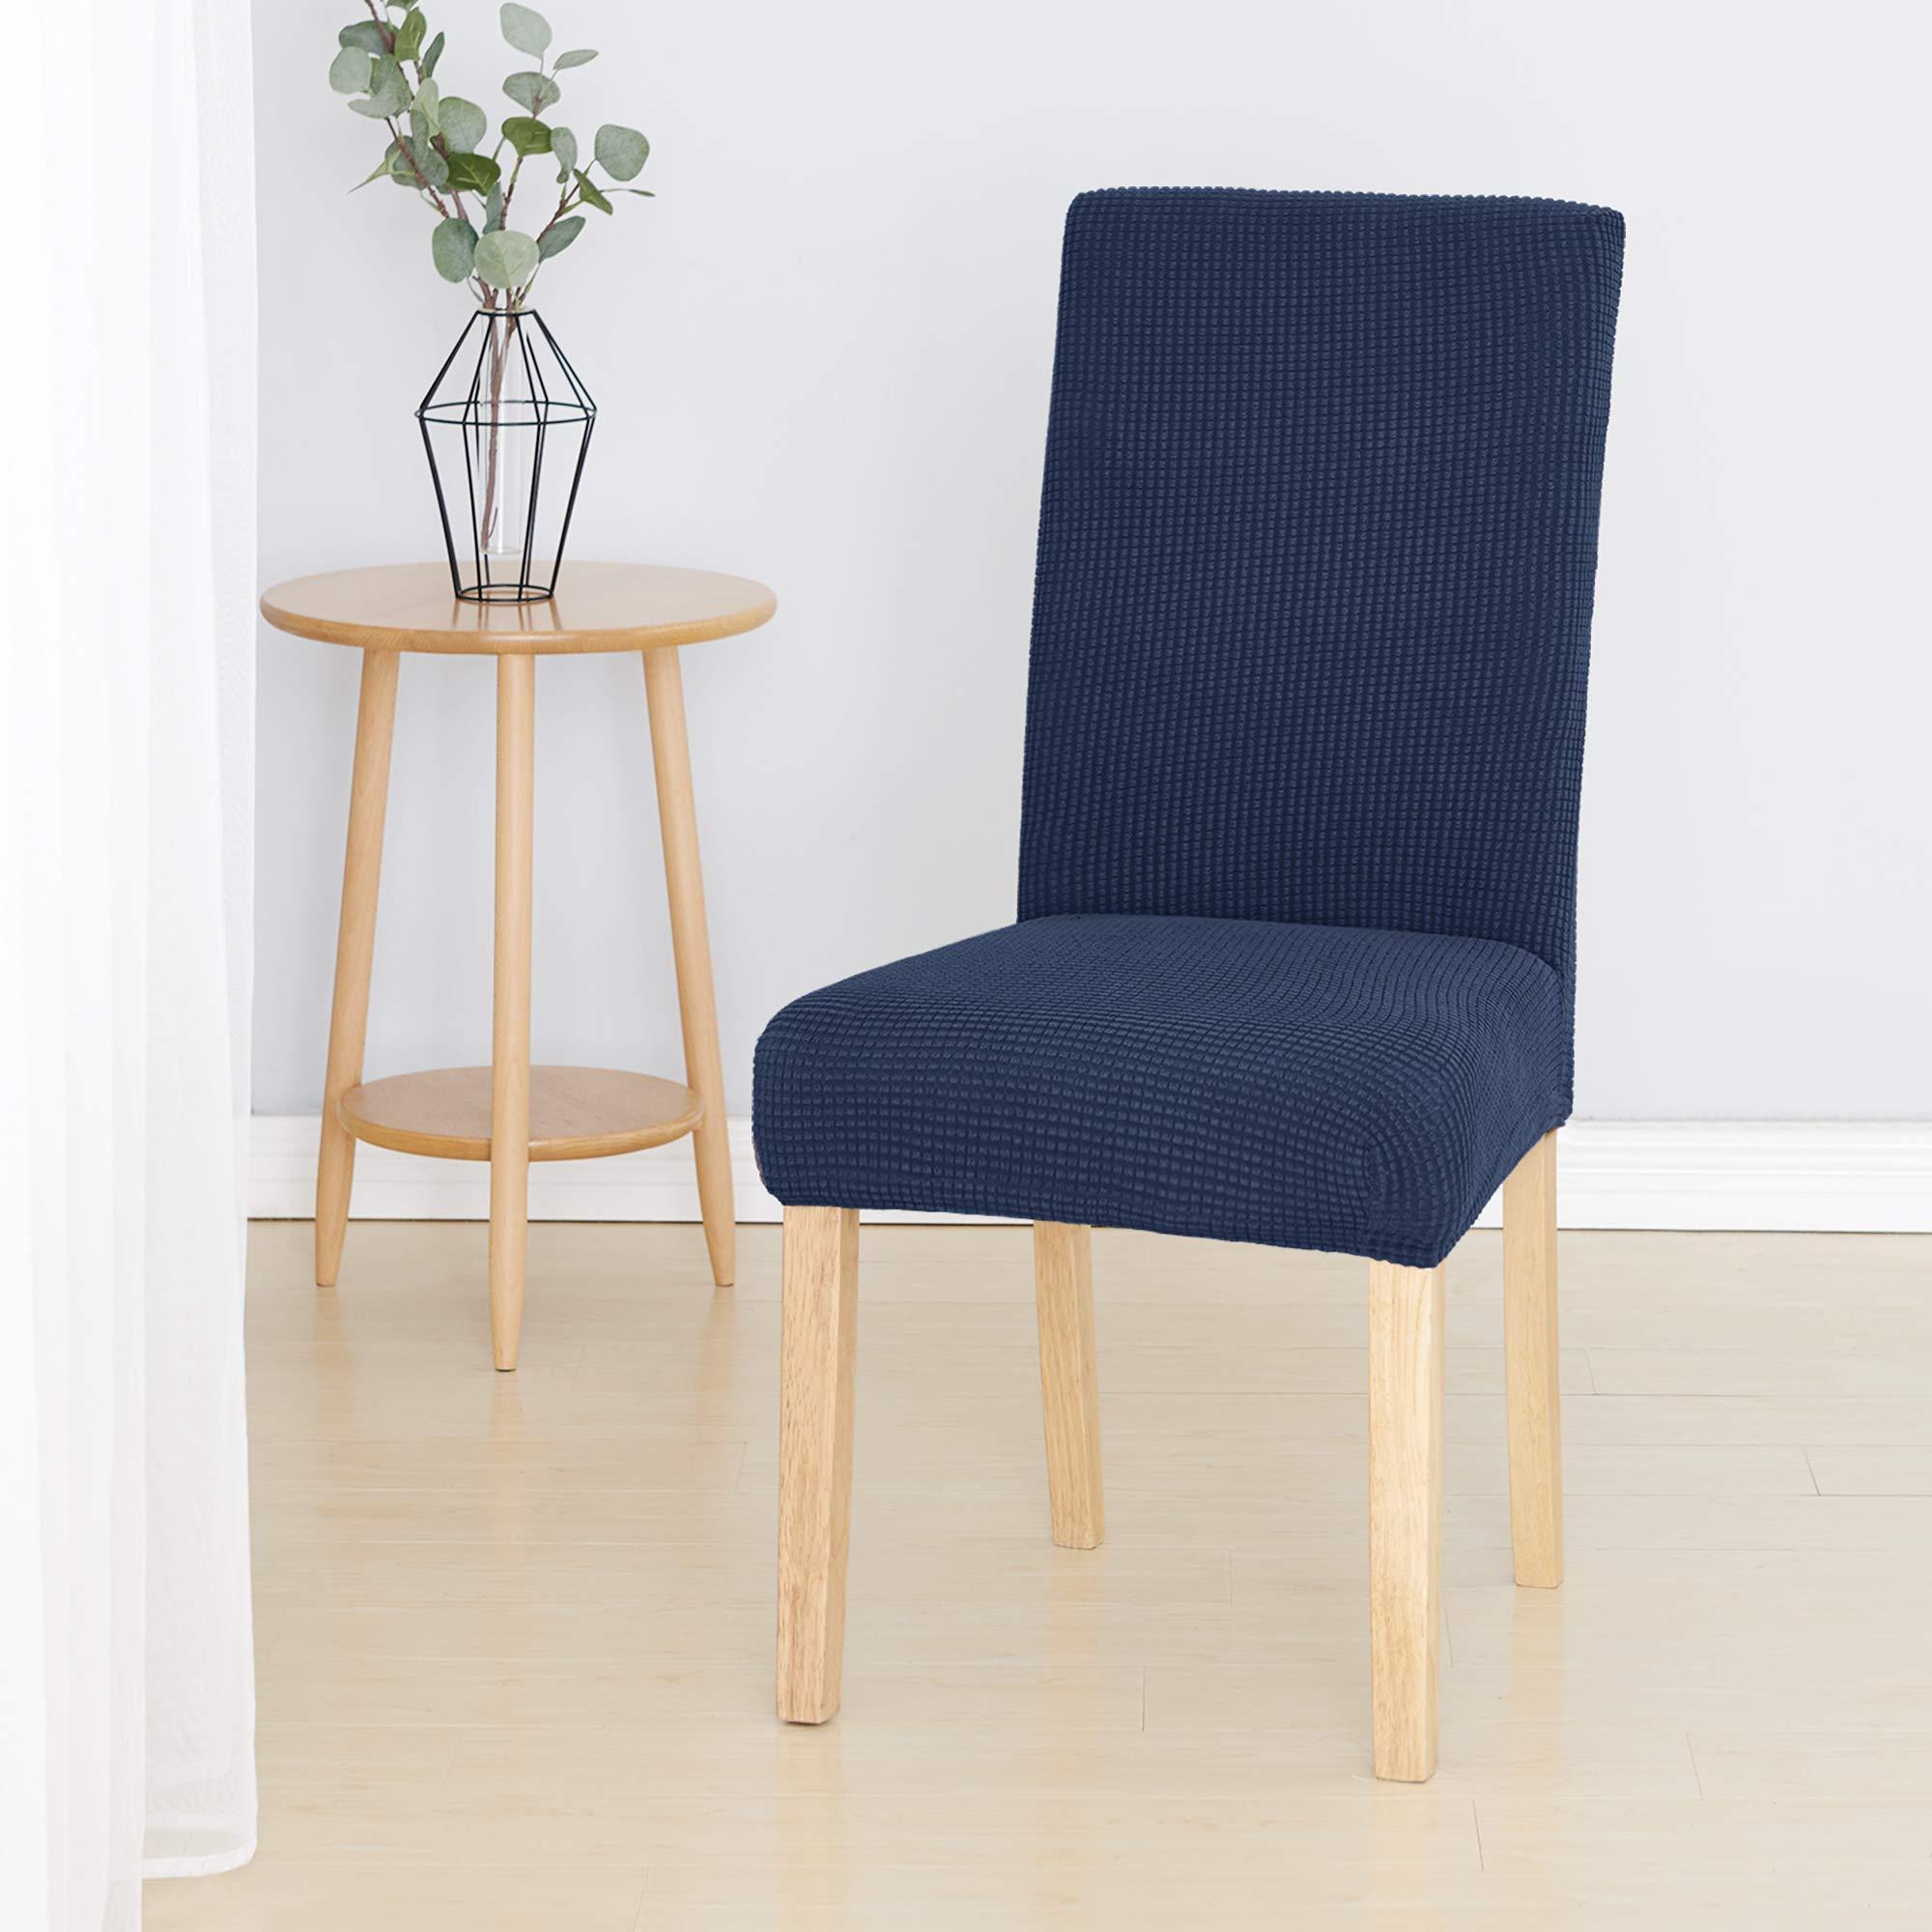 Essentials - Fundas decorativas para silla - azul marino (juego de 6)